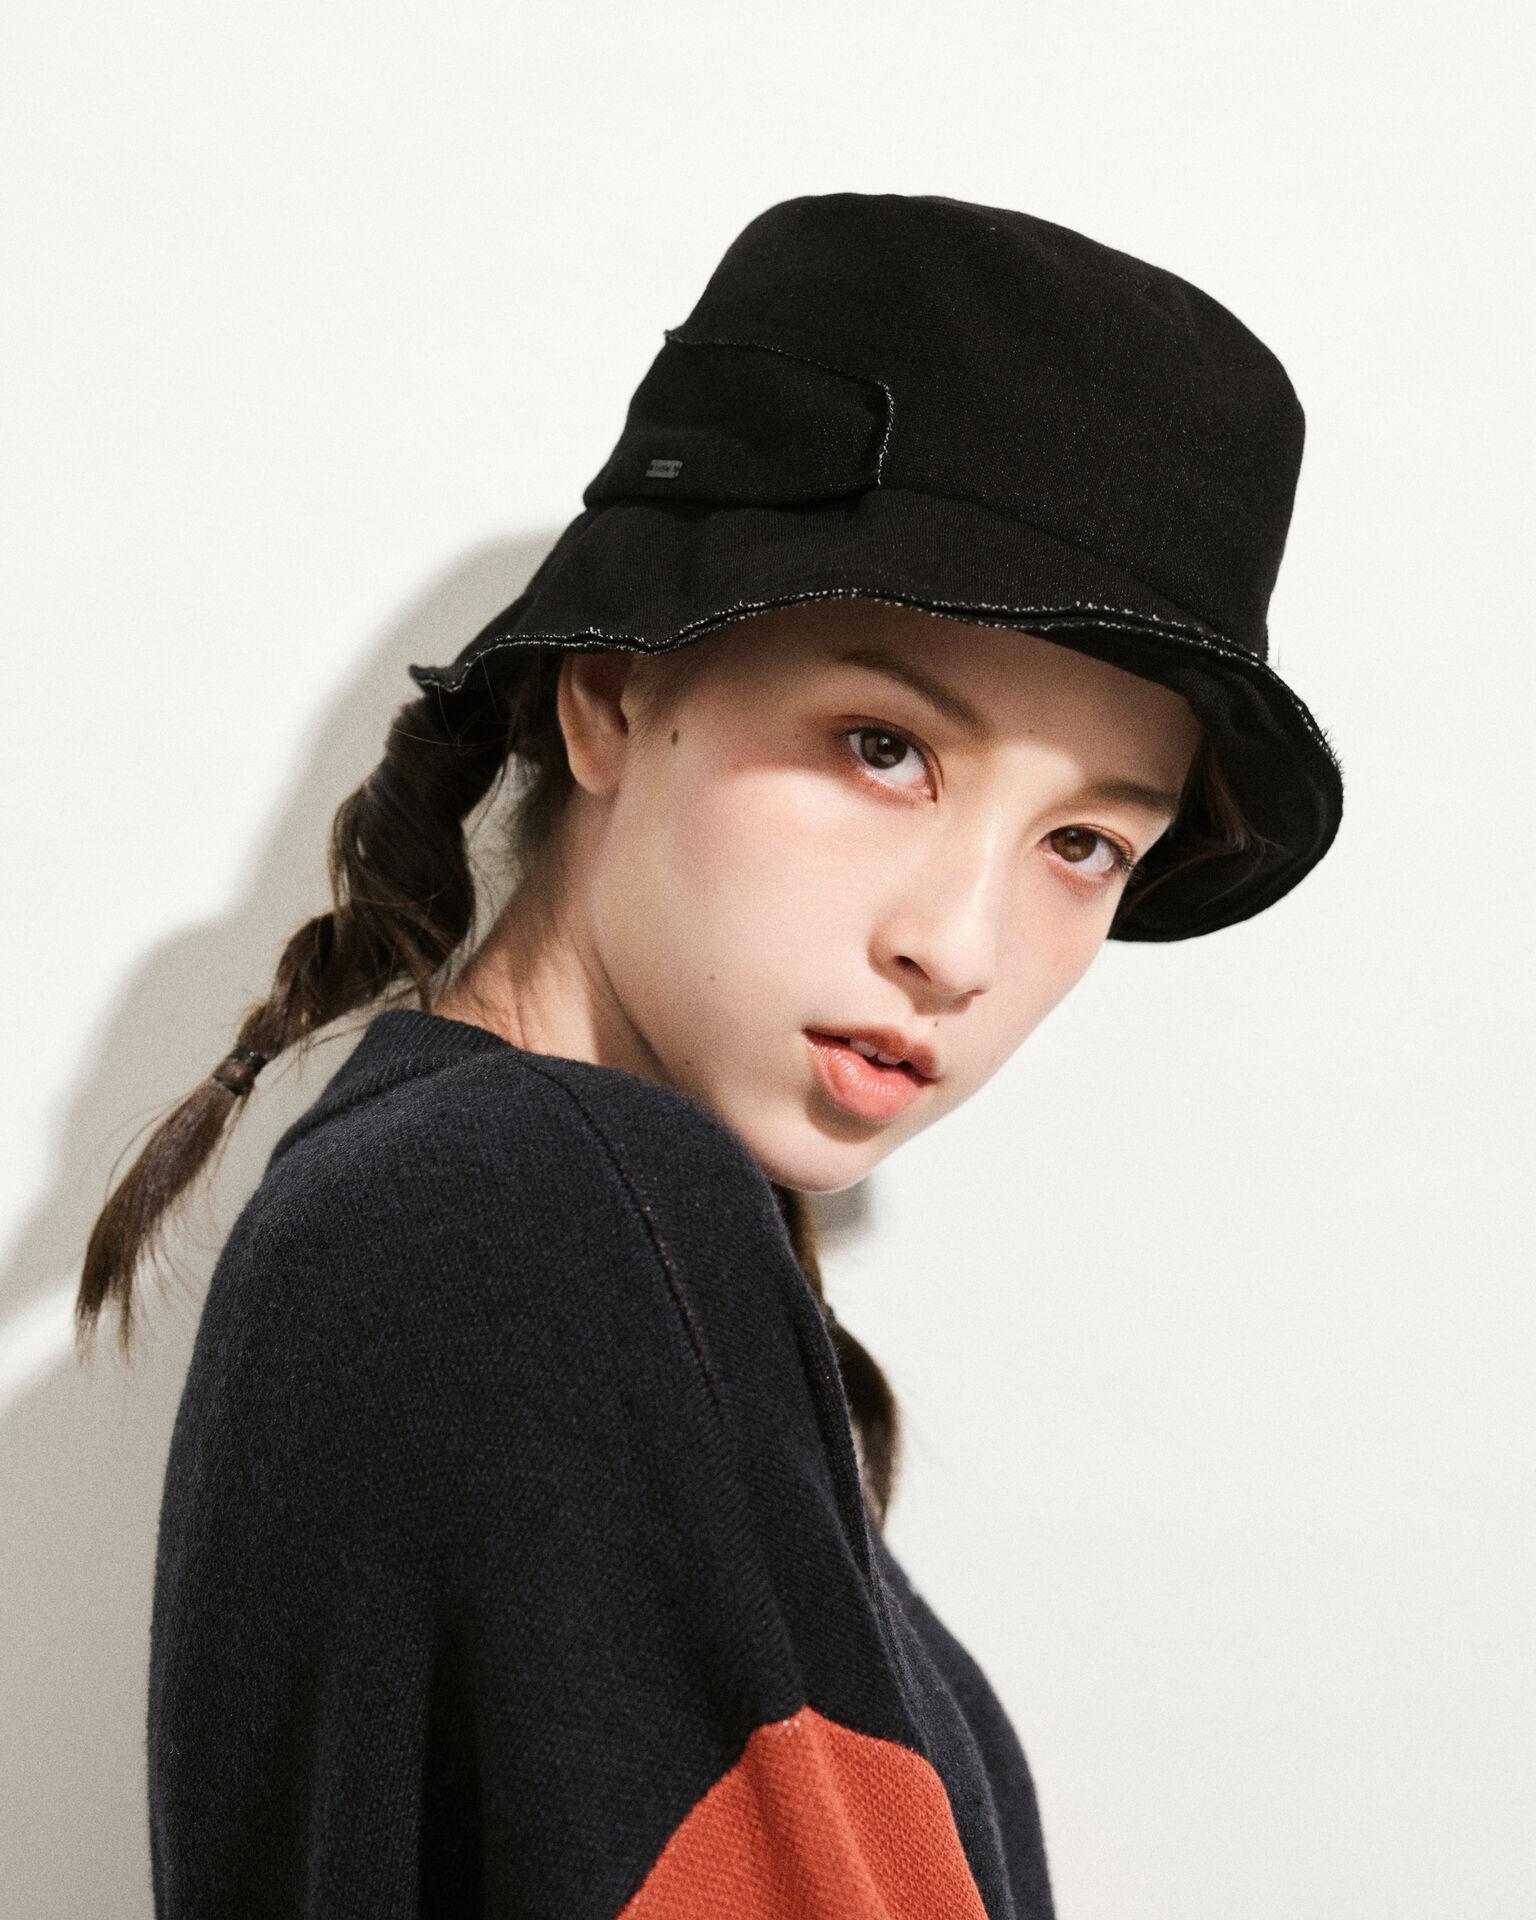 4aug hats 1326